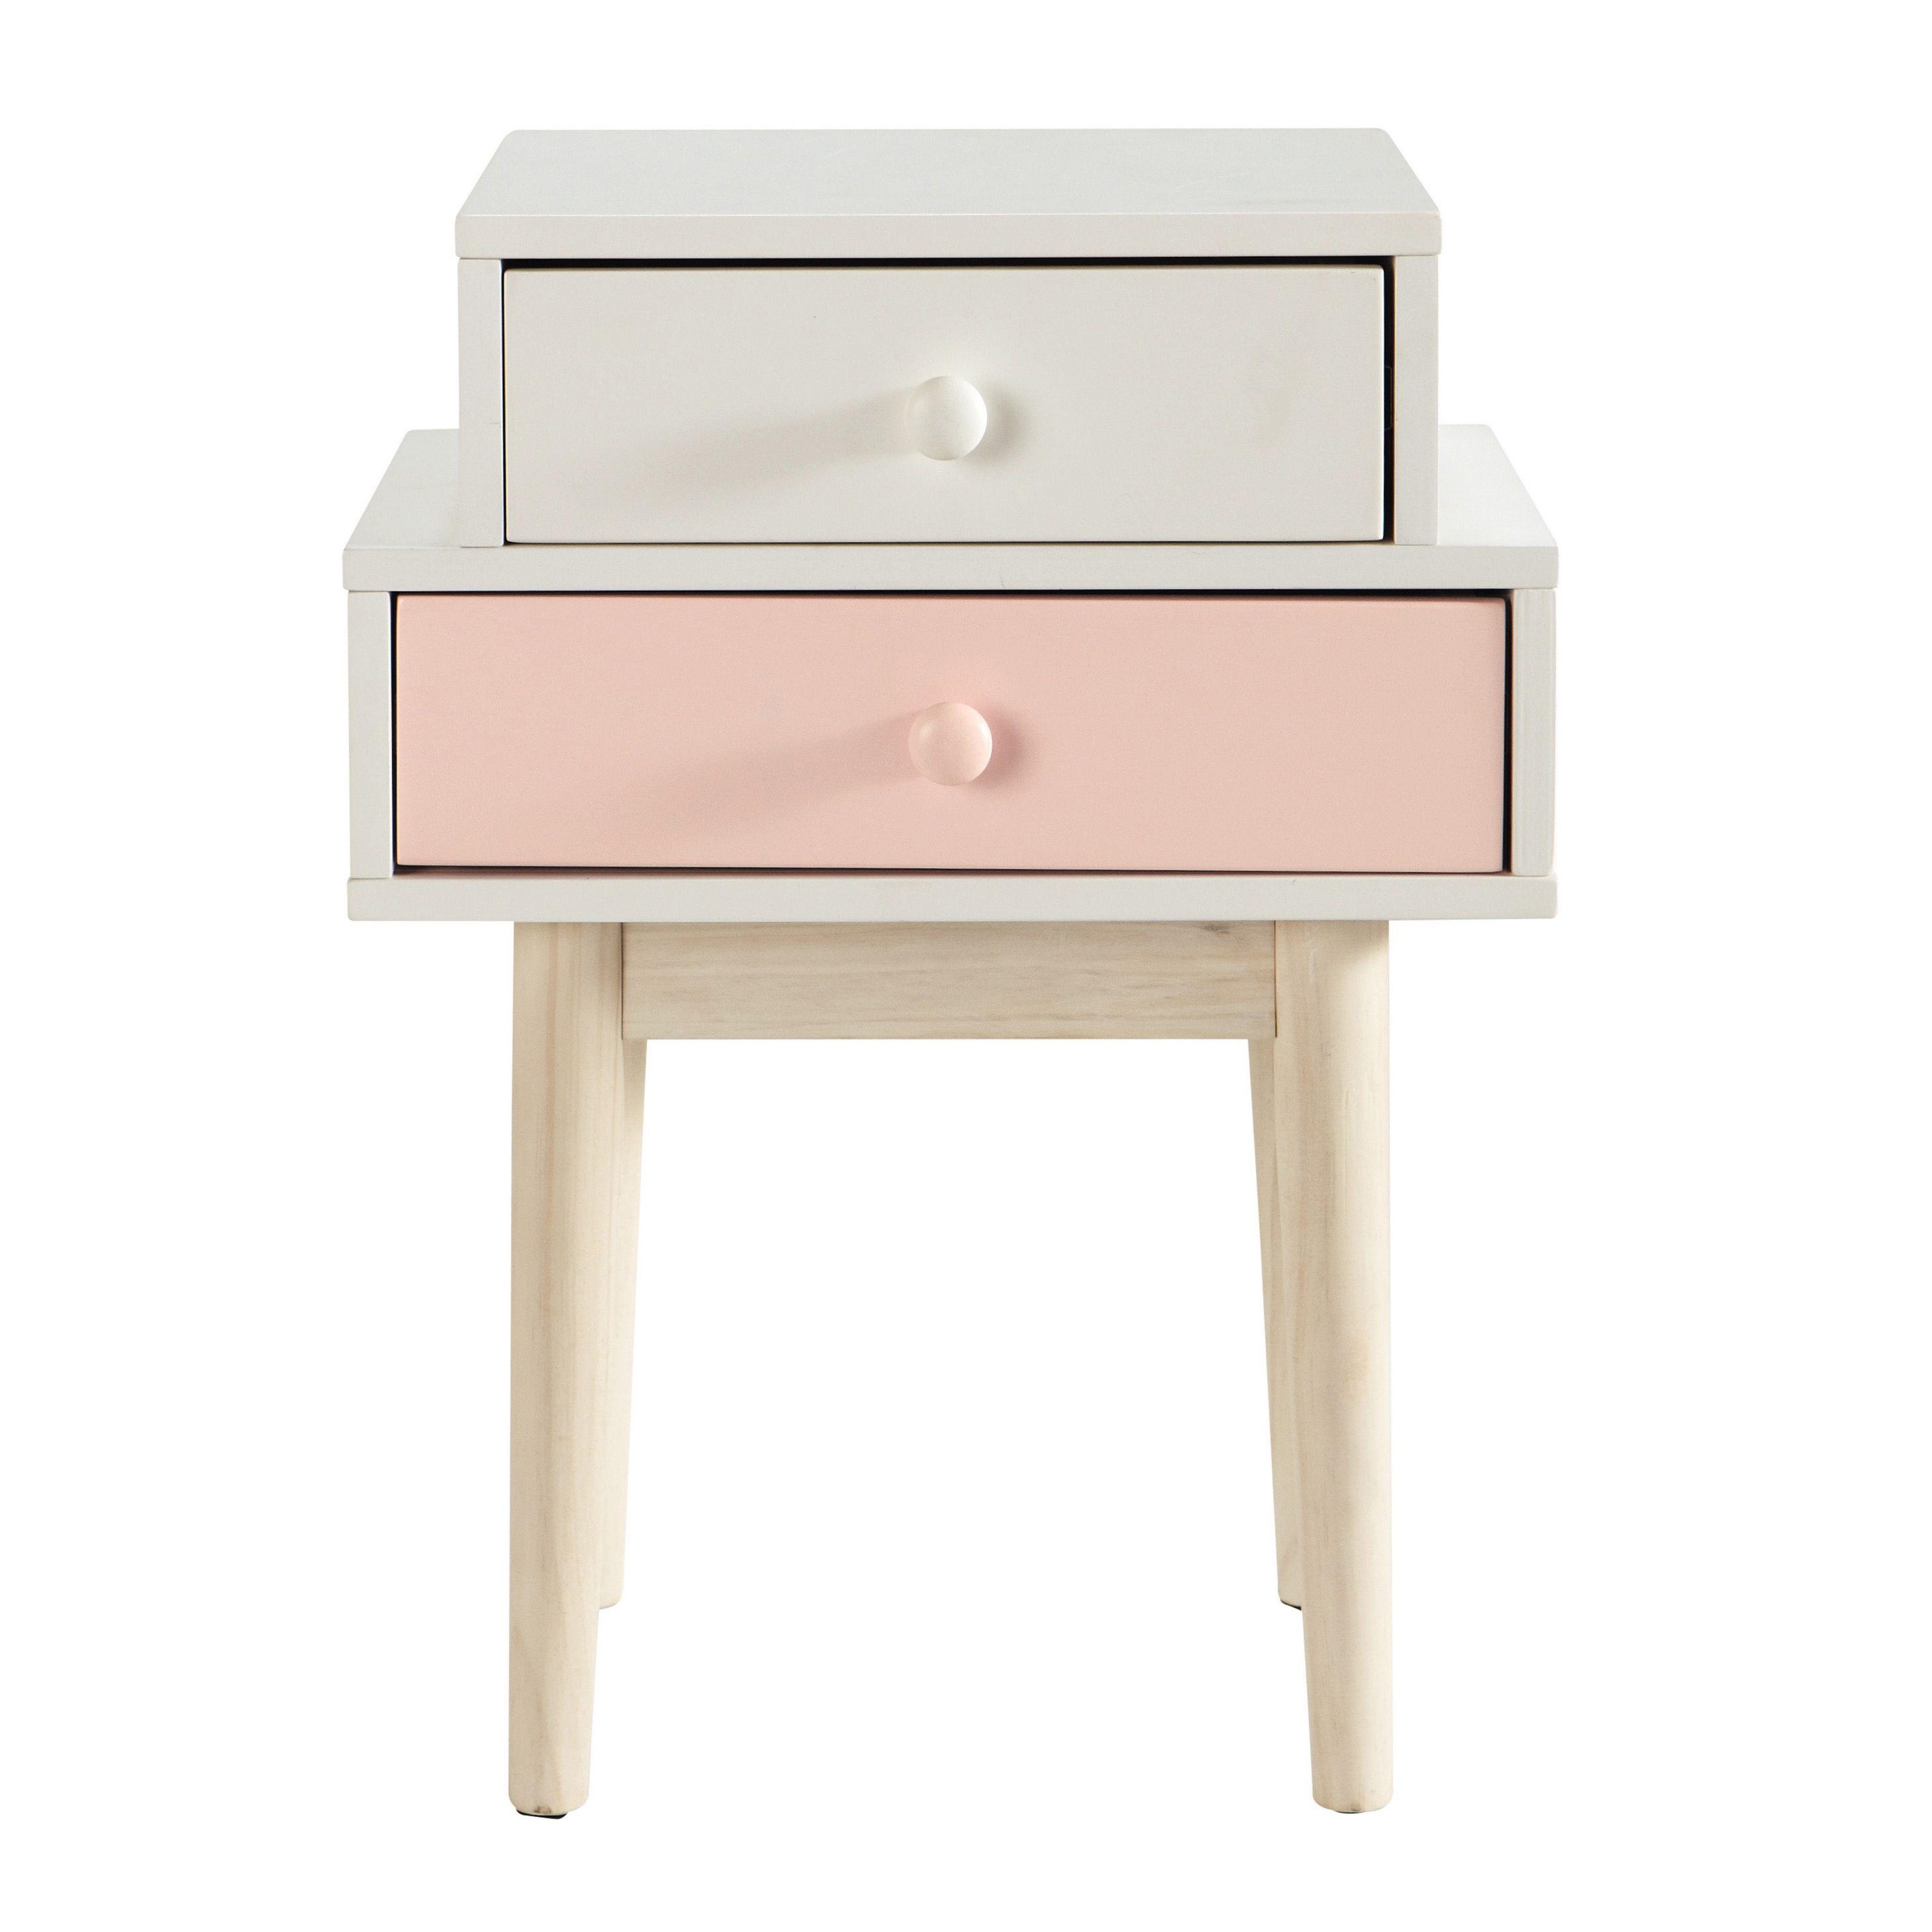 bureau enfant maison du monde trendy exceptional maison. Black Bedroom Furniture Sets. Home Design Ideas